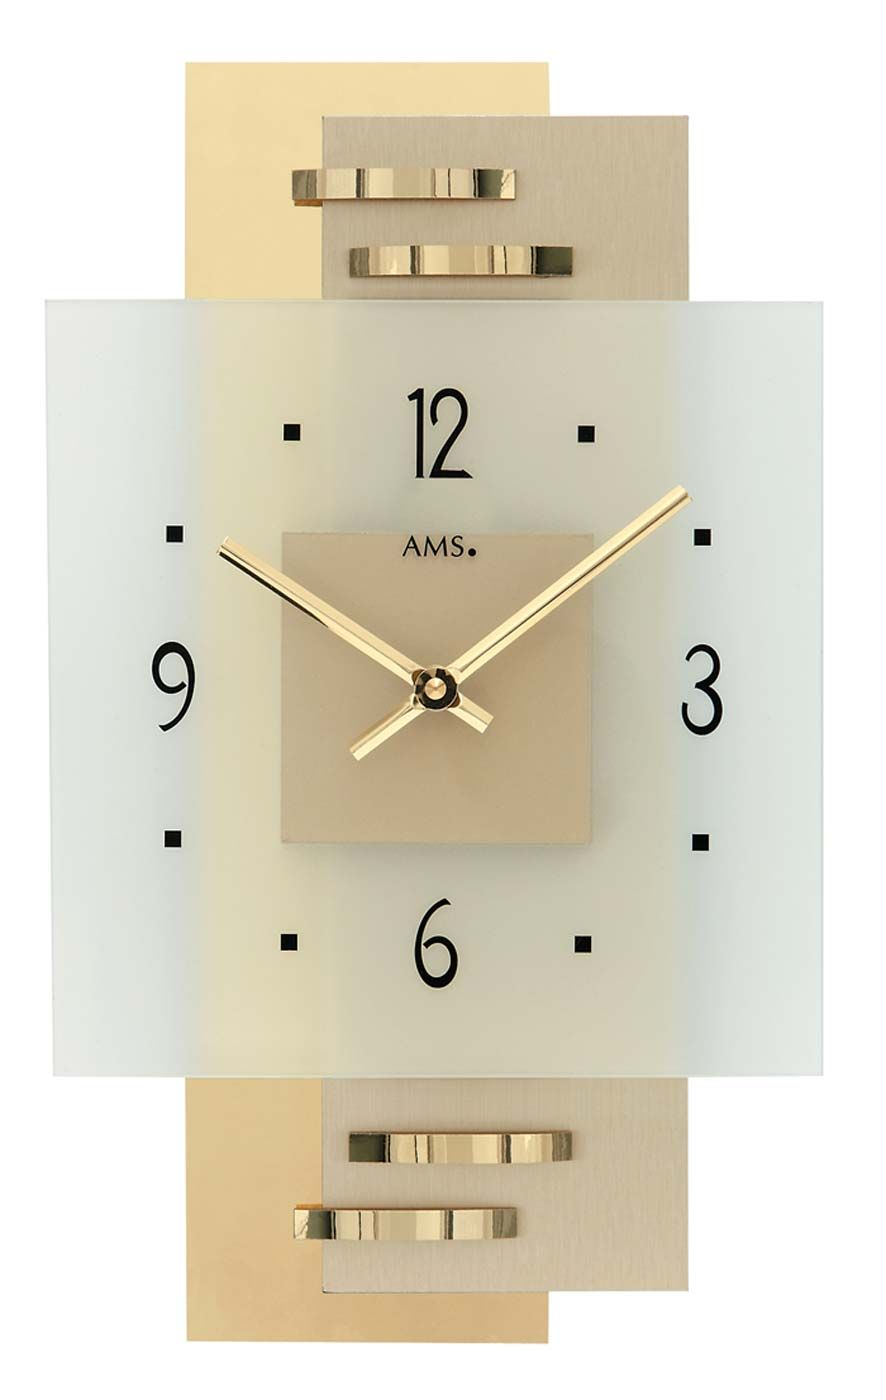 Nástěnné designové hodiny ams 9241 zlatá